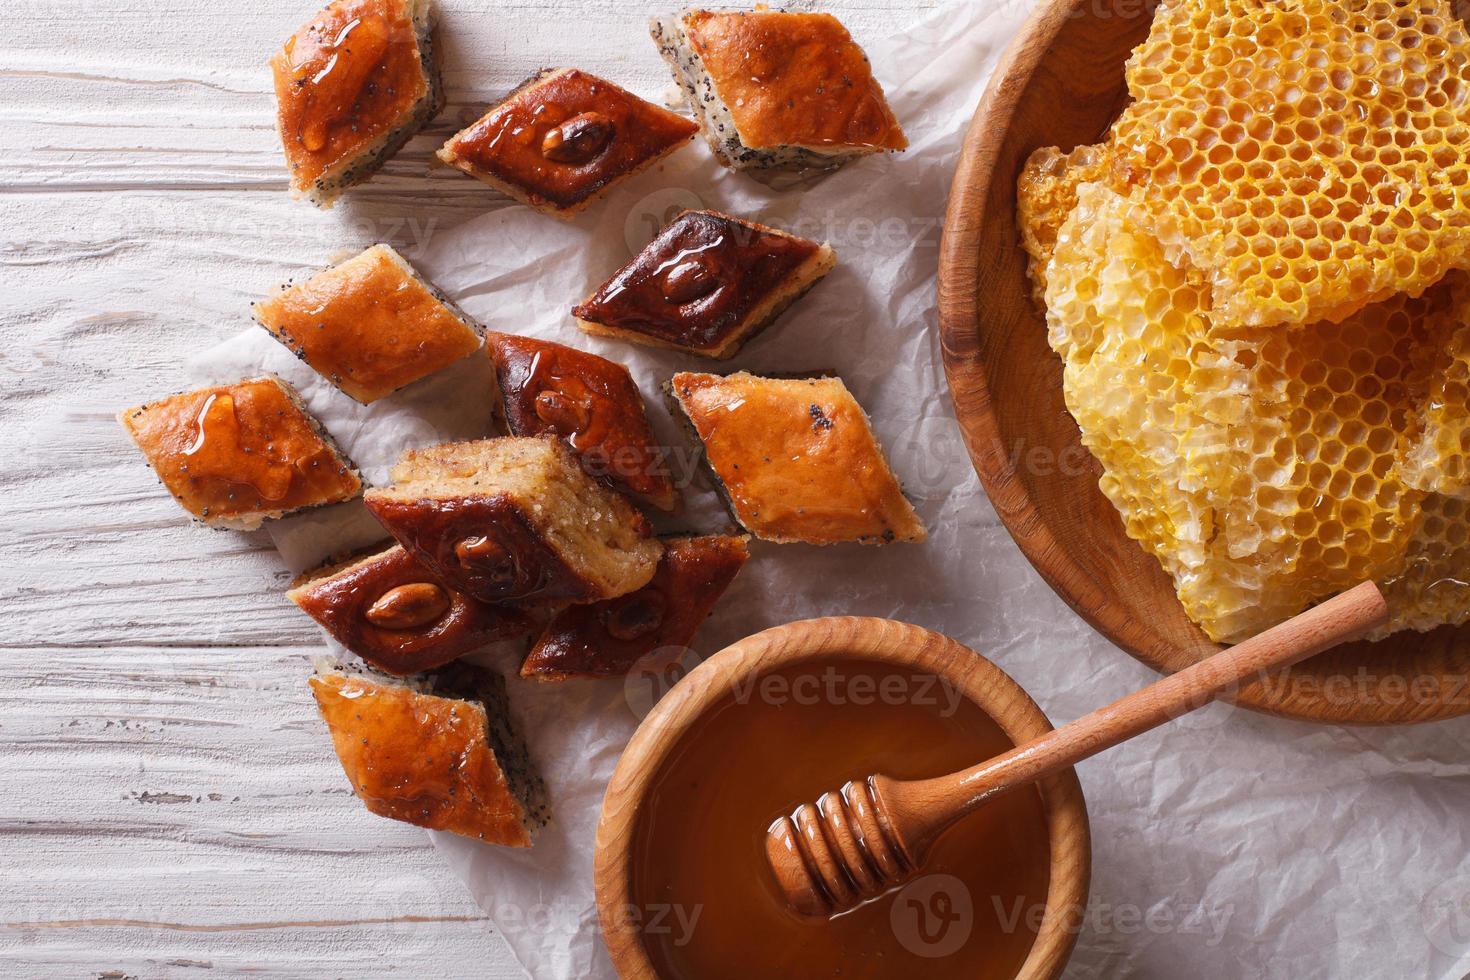 heerlijke baklava en honing close-up horizontale bovenaanzicht foto